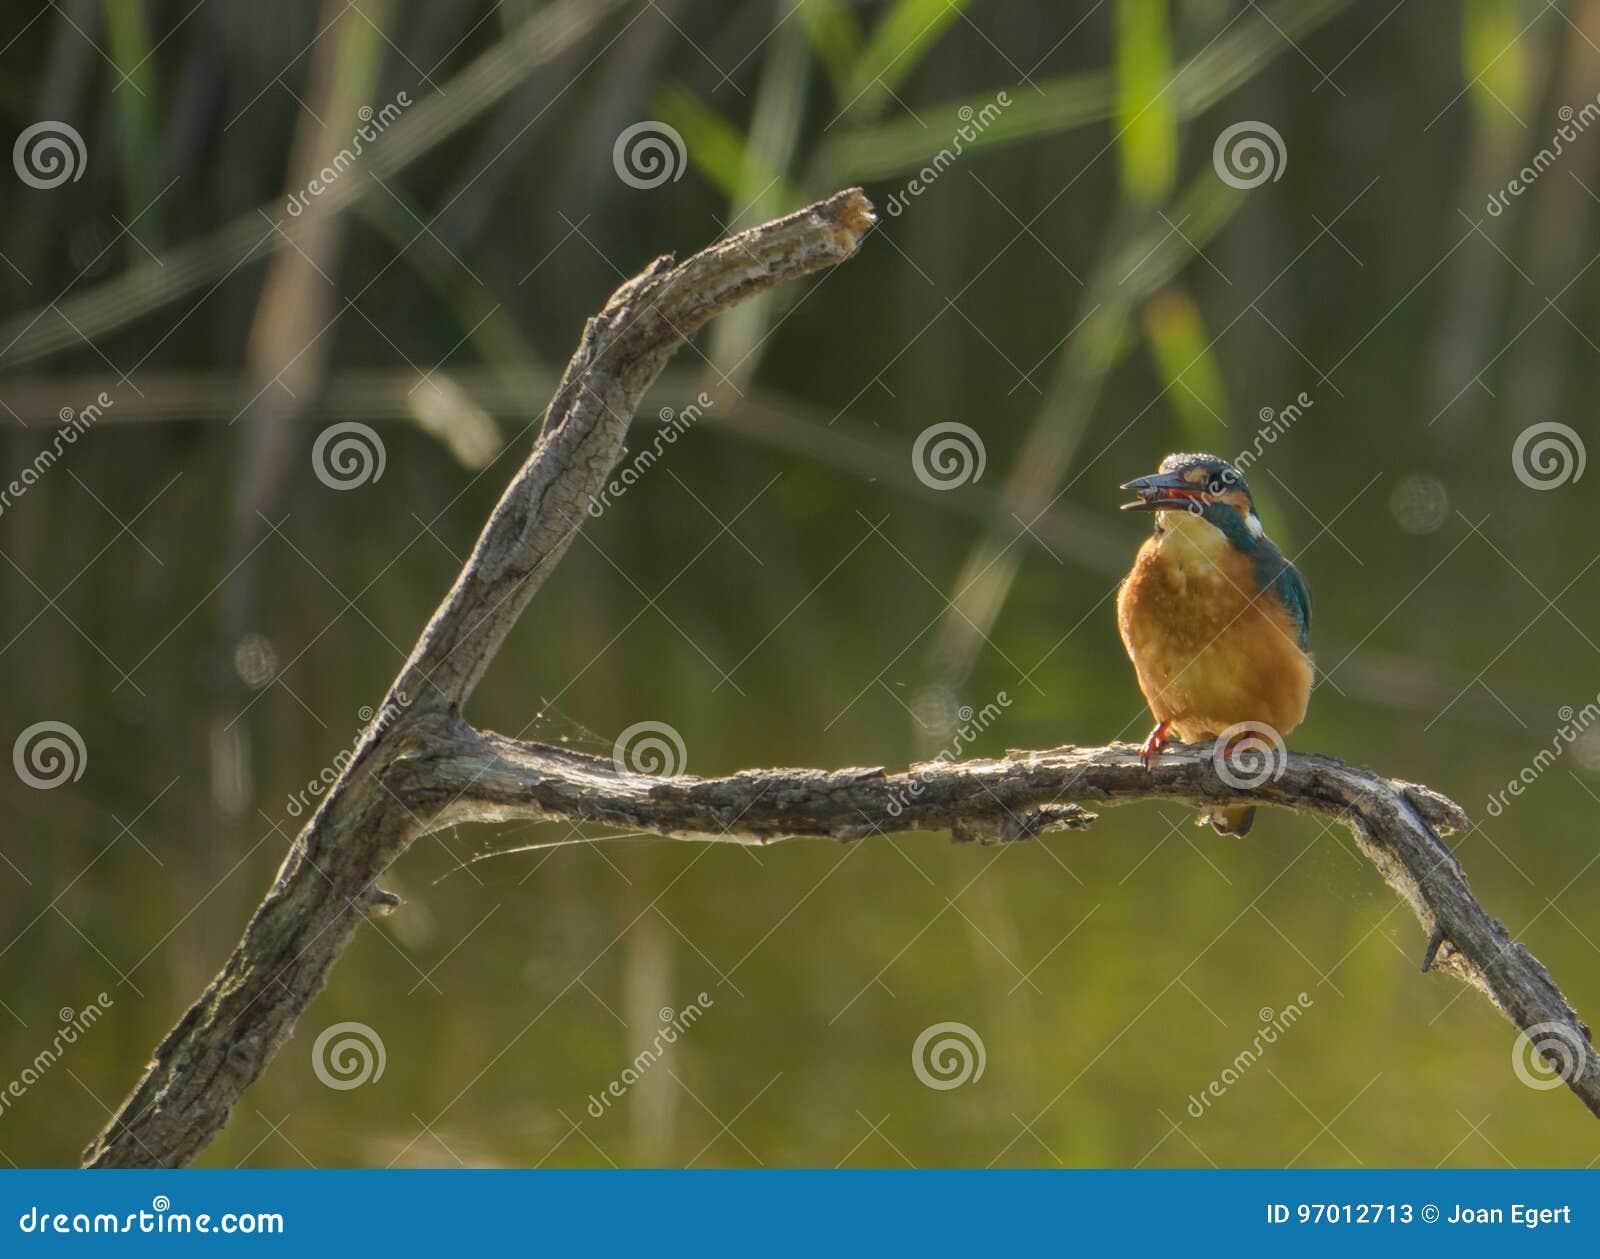 Europese Ijsvogel met prooi